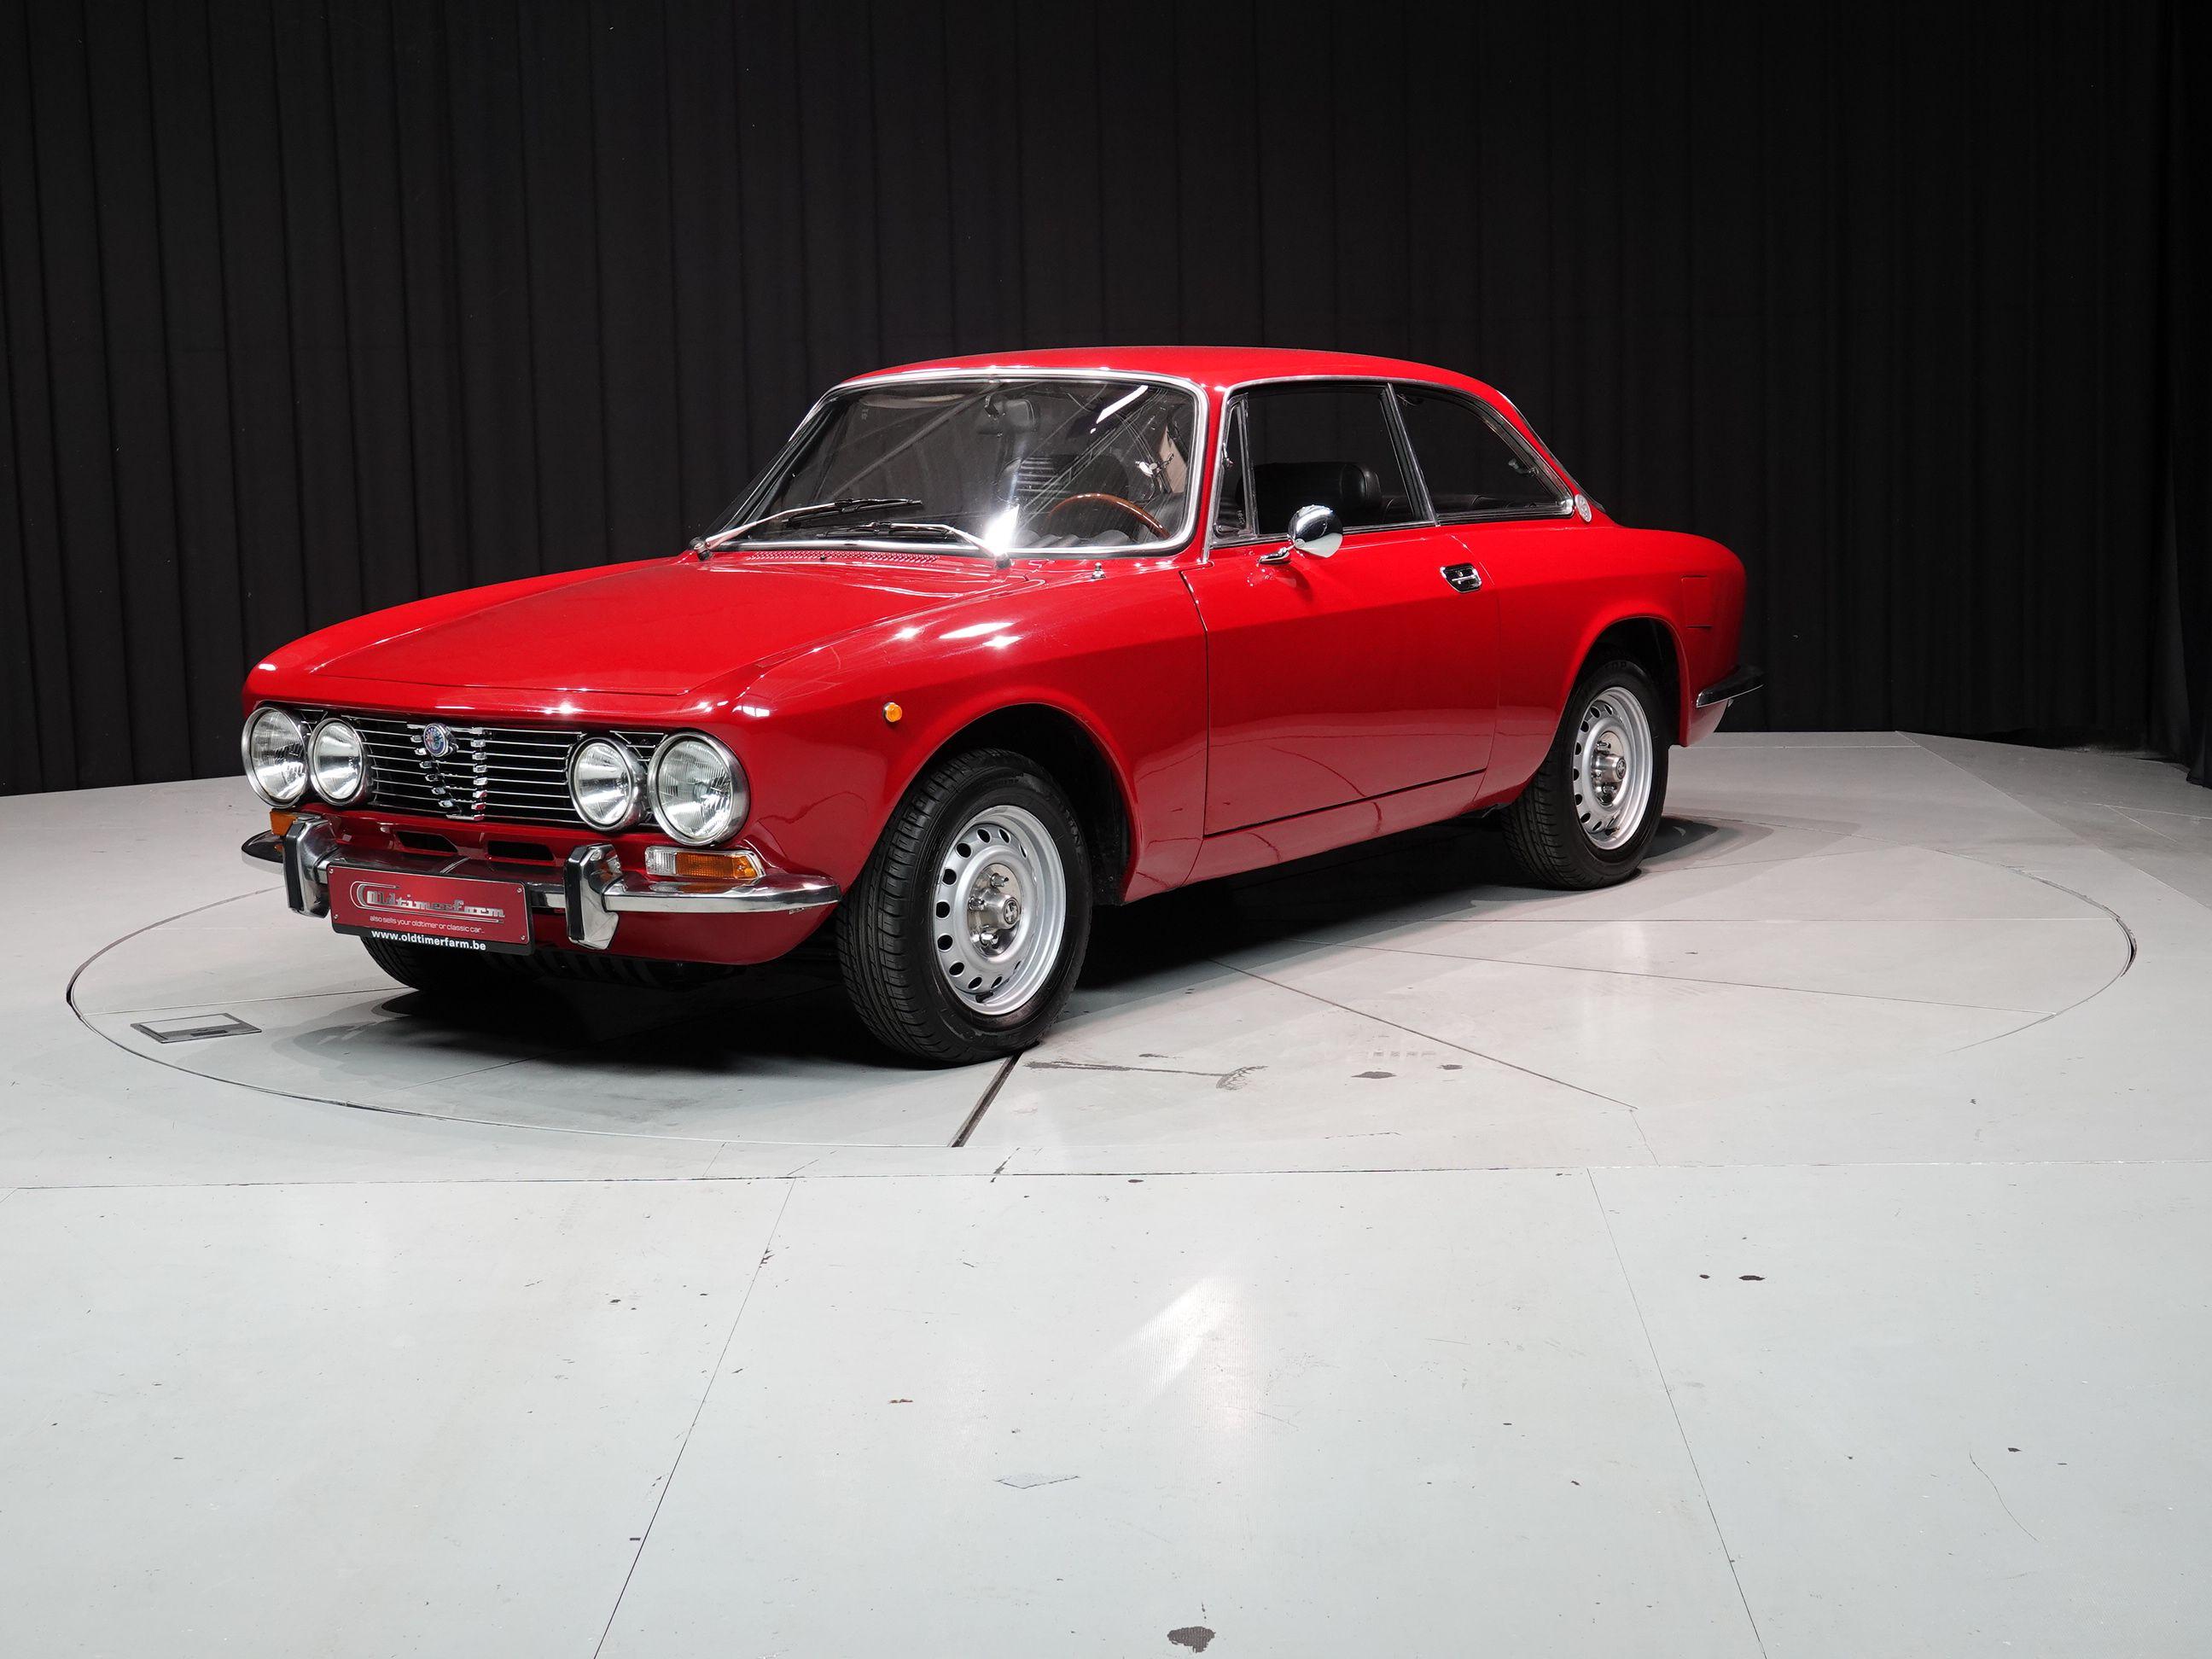 Alfa Romeo Gtv 2000 Bertone For Sale Alfa Romeo Gtv 2000 Bertone Red 1973 Alfa Romeo Classic Cars Cars For Sale